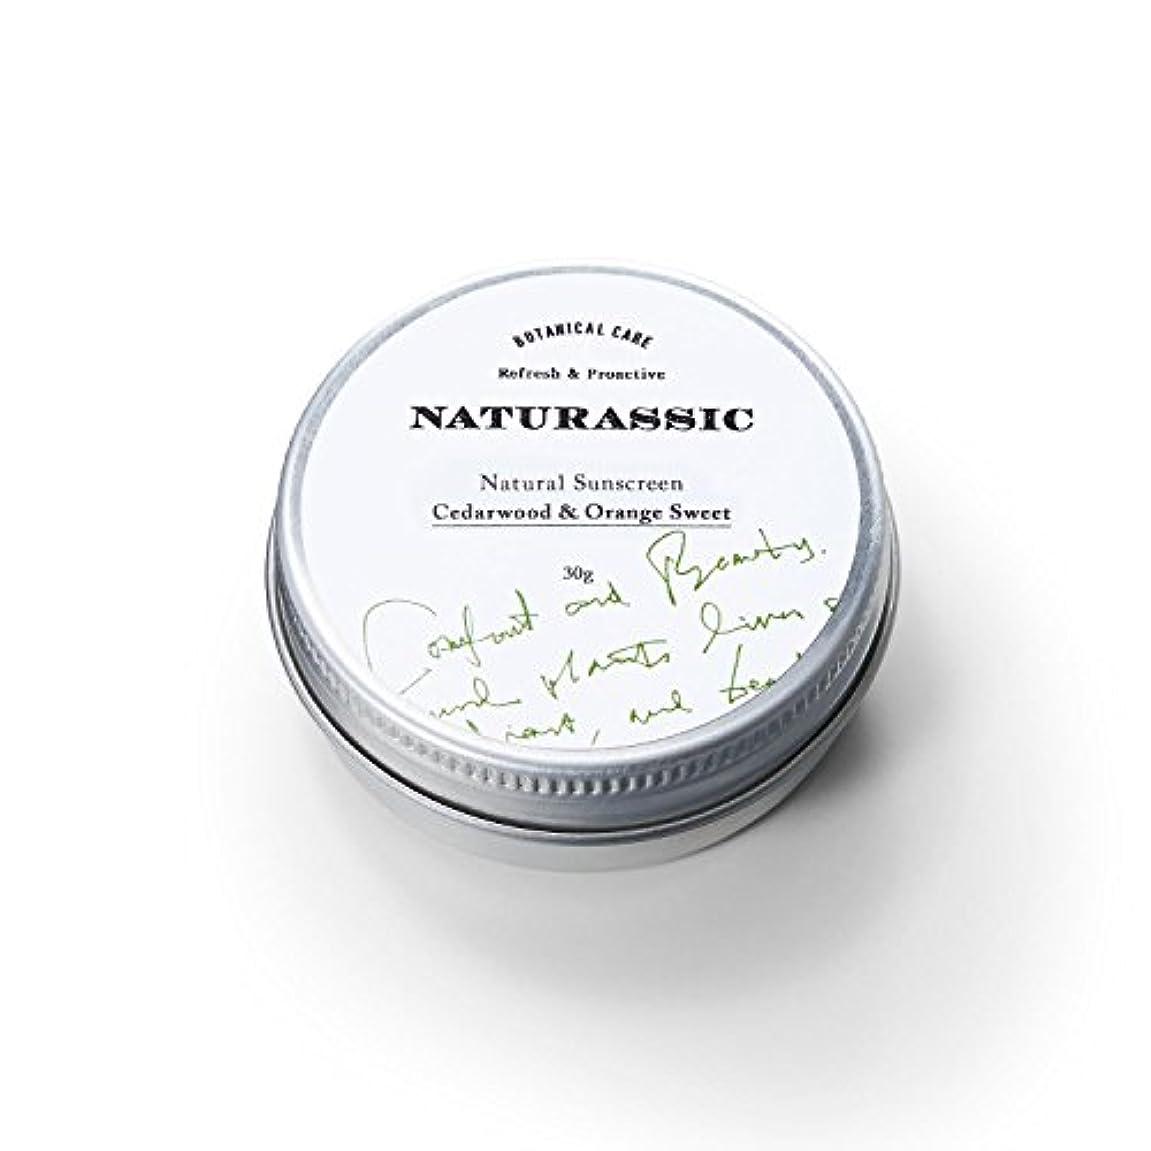 盲信安価な直面するナチュラシック ナチュラルサンスクリーンCO シダーウッド&オレンジスイートの香り 30g [天然由来成分100%]